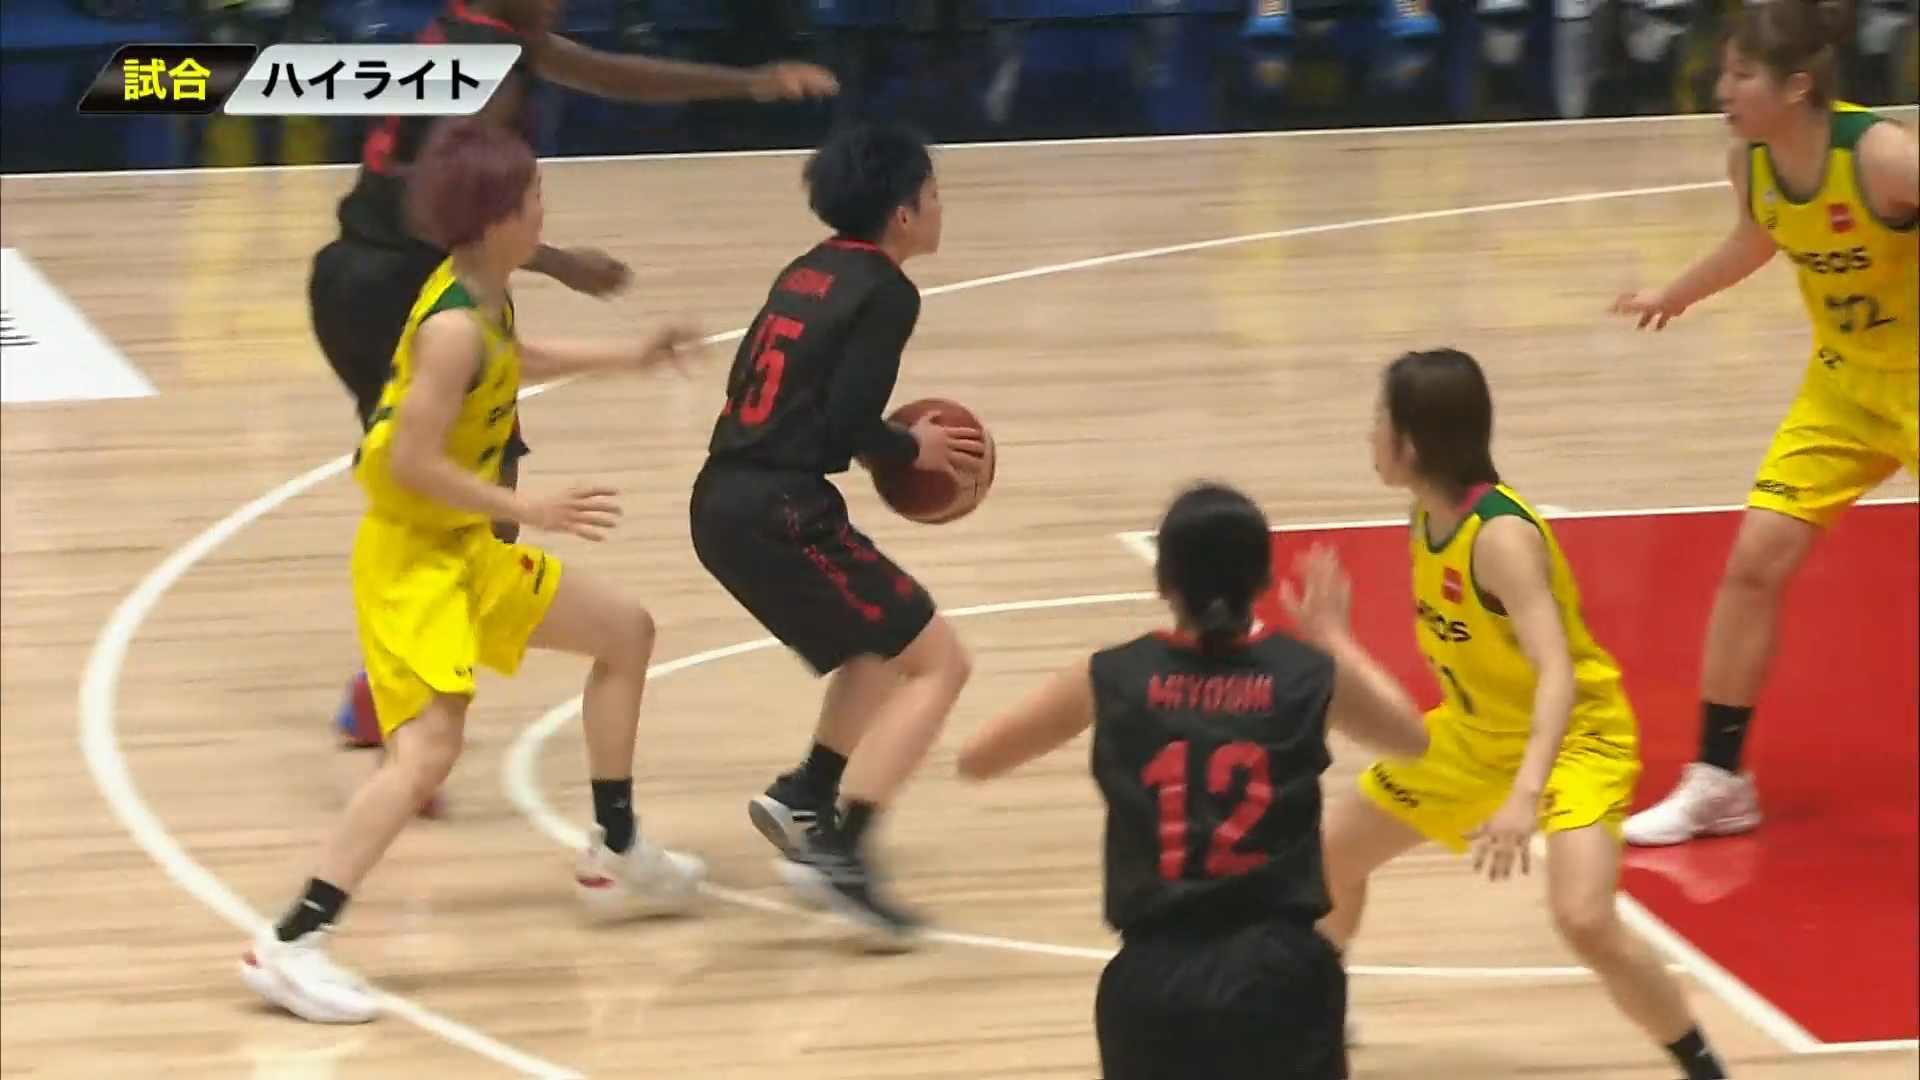 【女子バスケ Wリーグ】3/21 ENEOS vs トヨタ自動車(第22回Wリーグプレーオフ Final Game2)